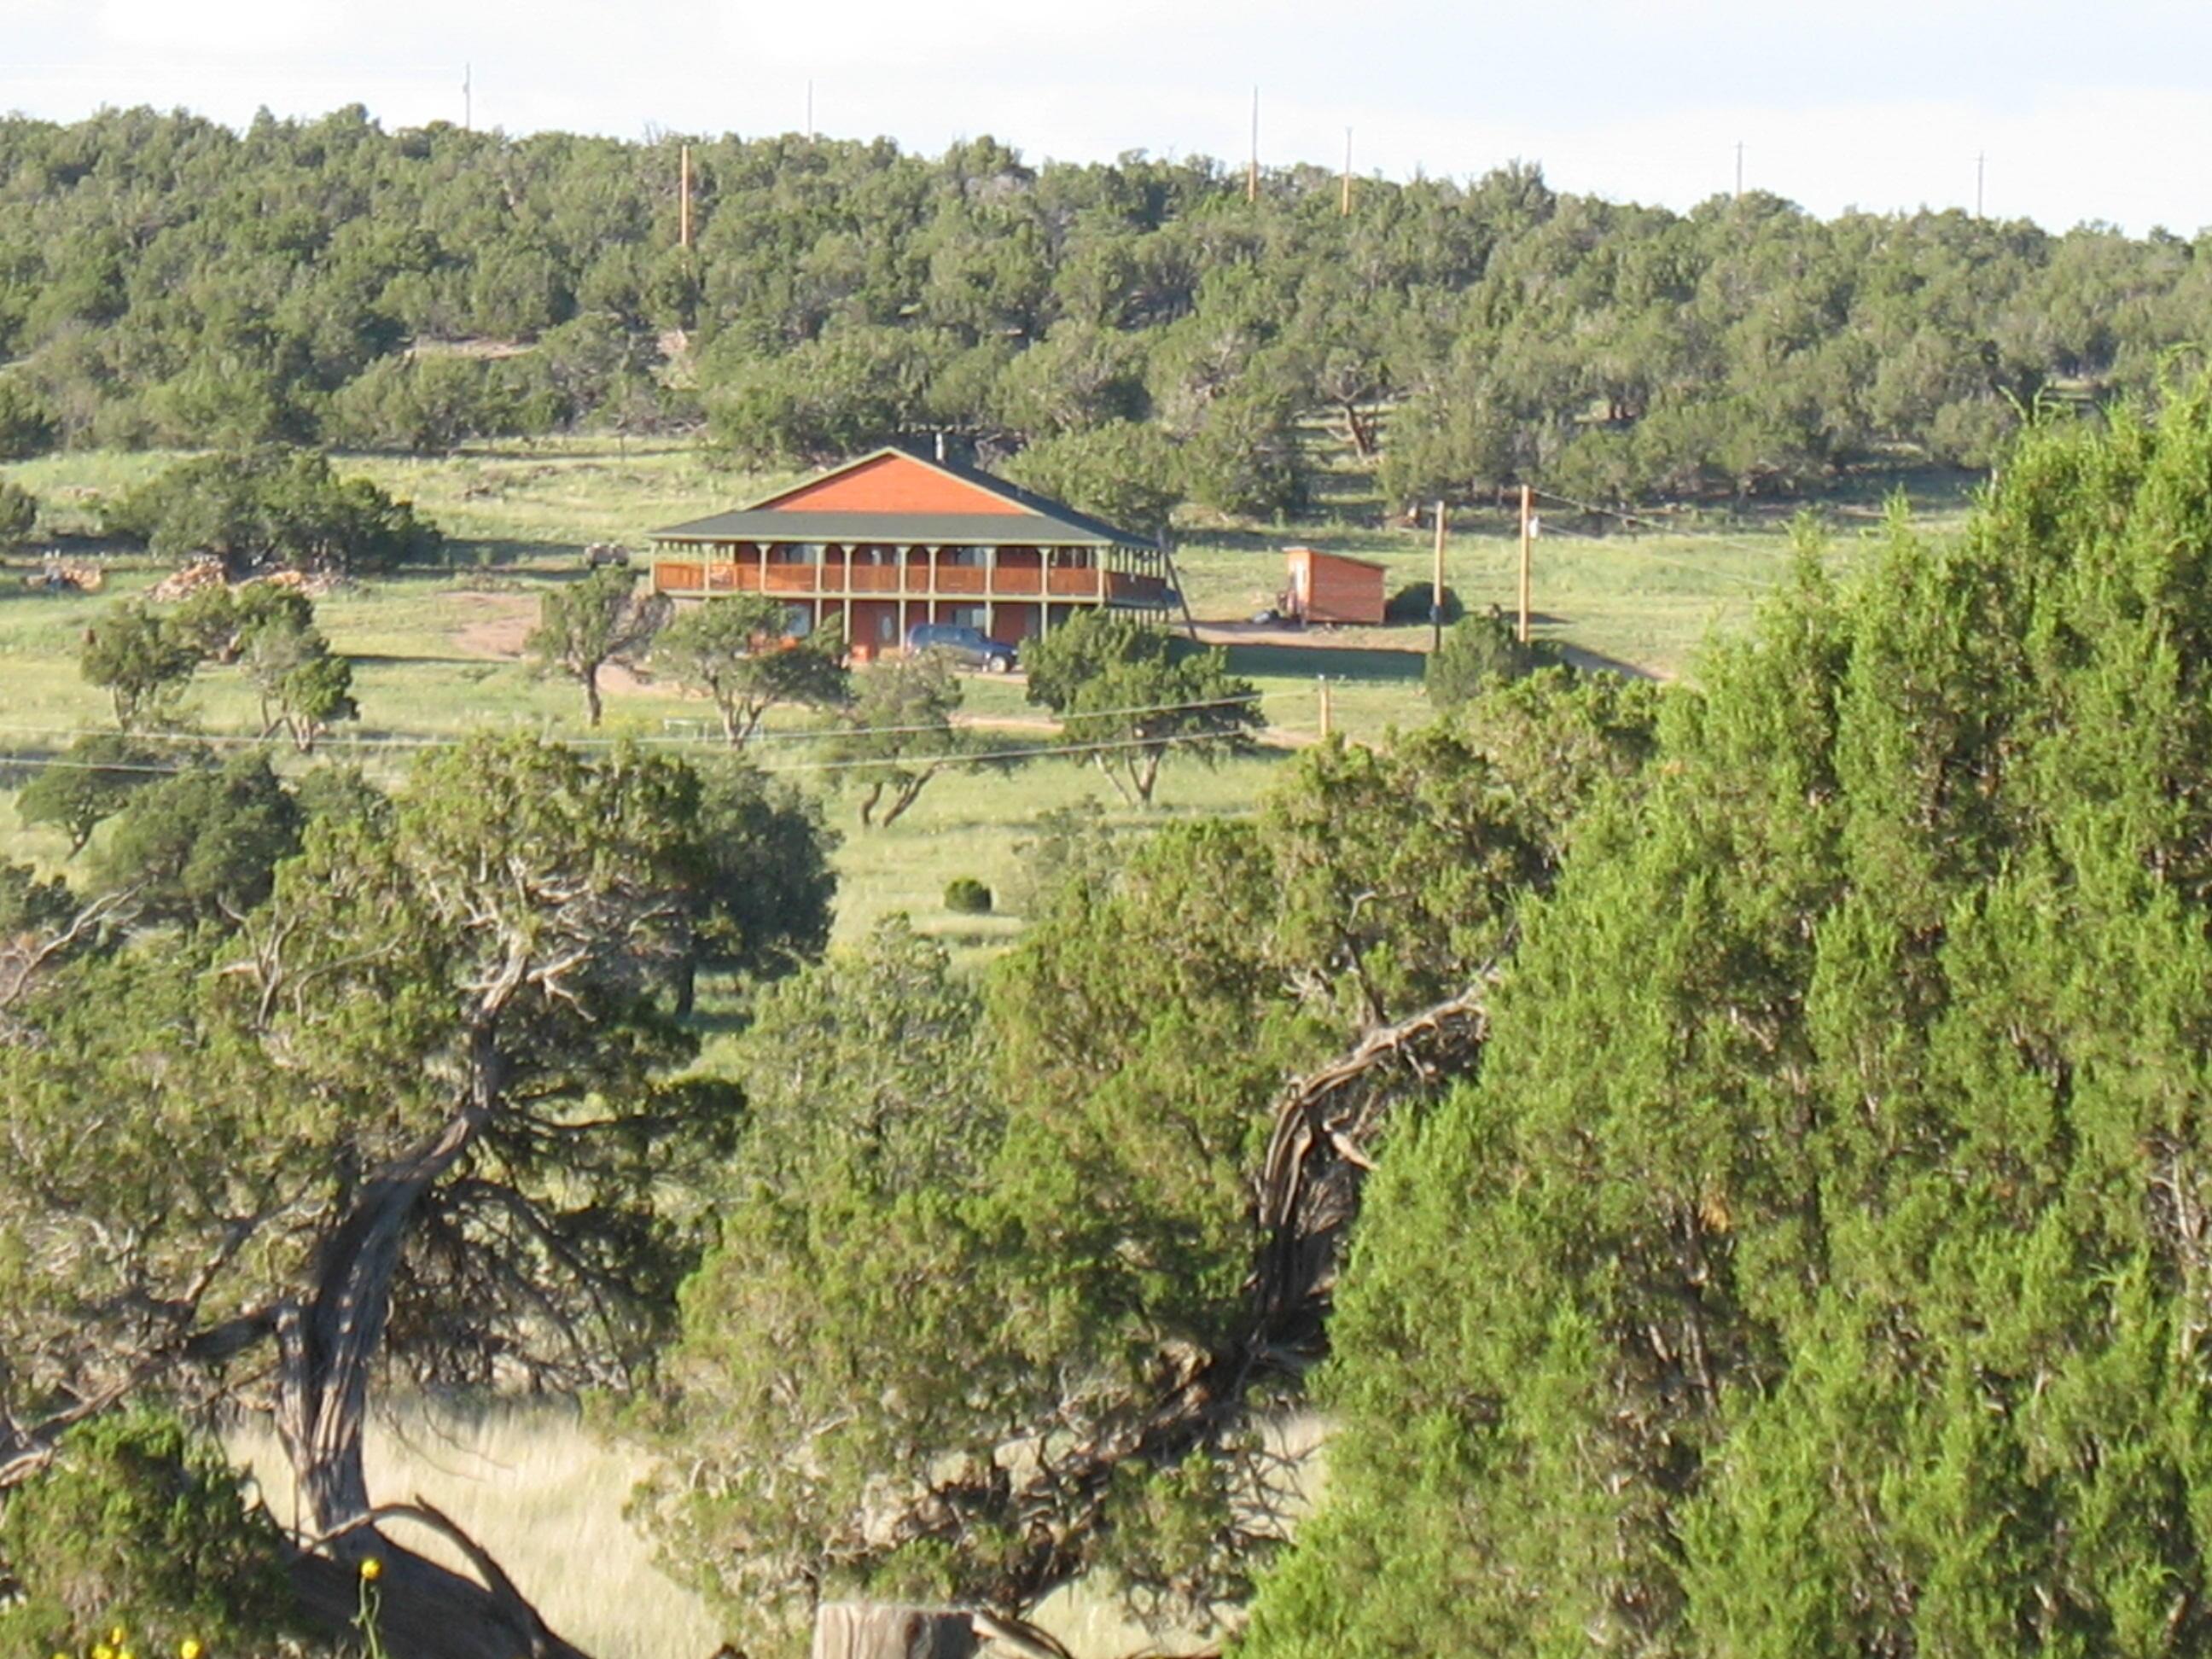 100 Tee Pee Trail, Quemado, NM 87829 - Quemado, NM real estate listing